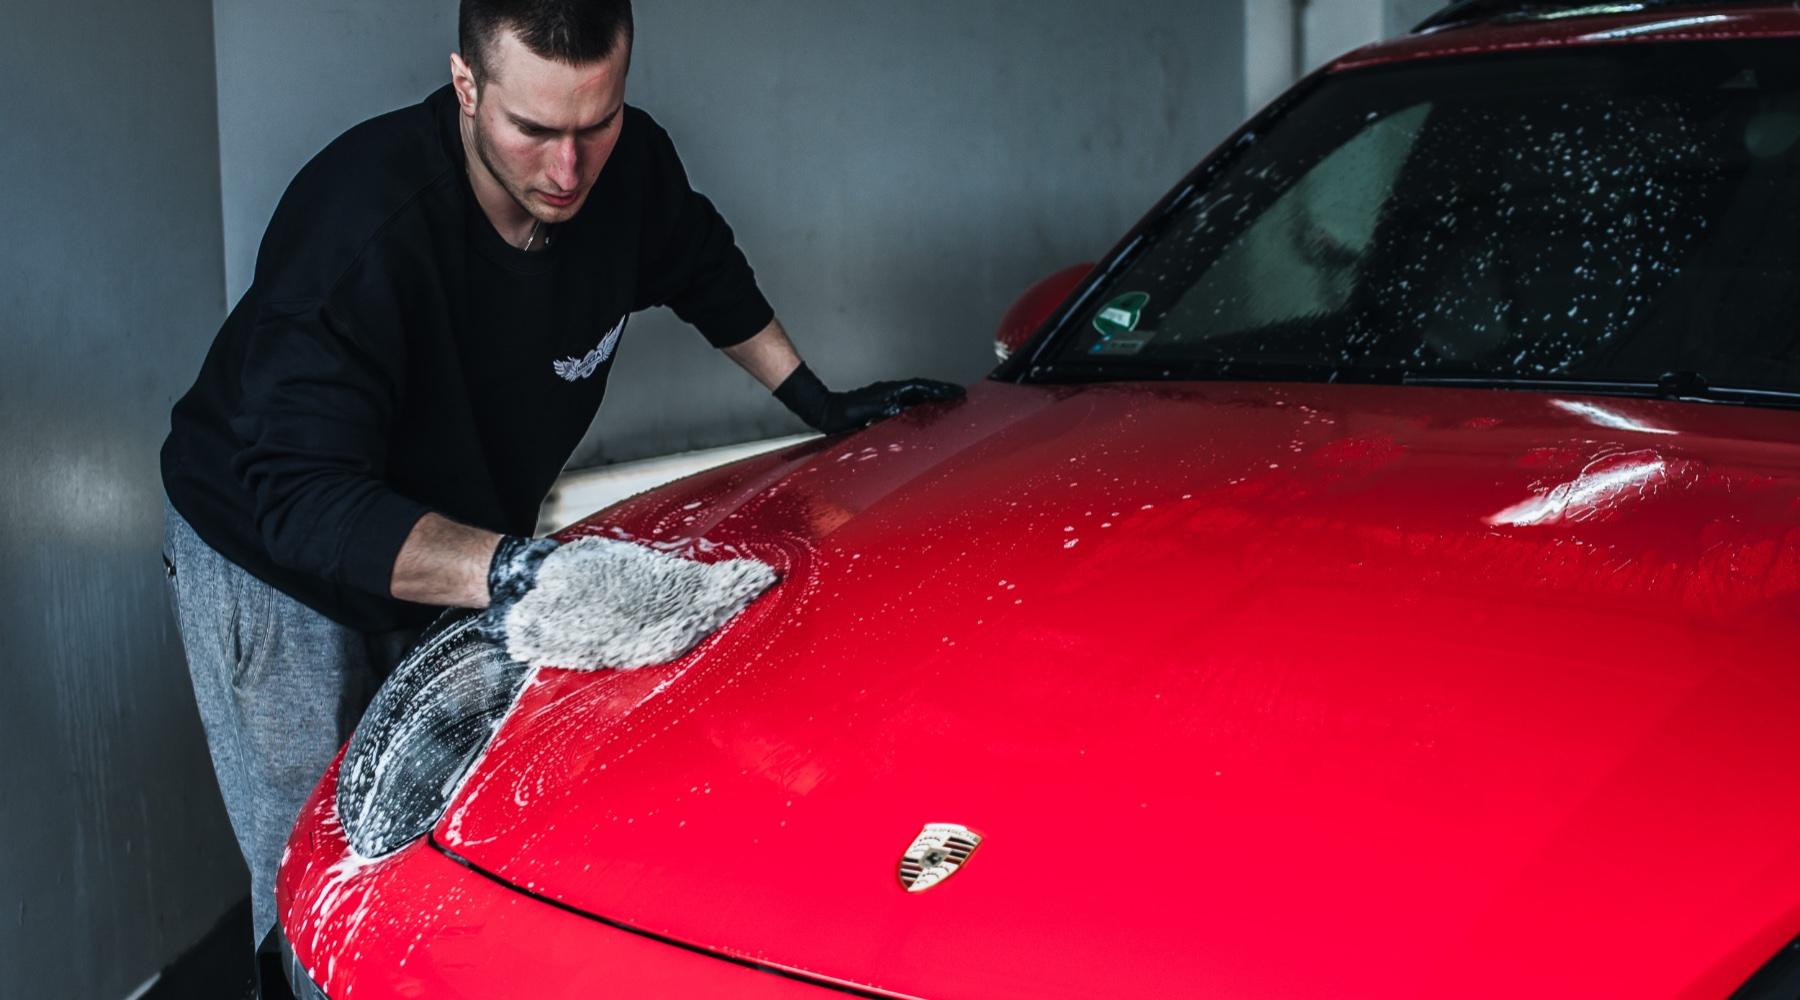 Pracownik  myjący Porsche na ręcznej myjni samochodowej na Krucza 18 w Osielsku obok Bydgoszczy.